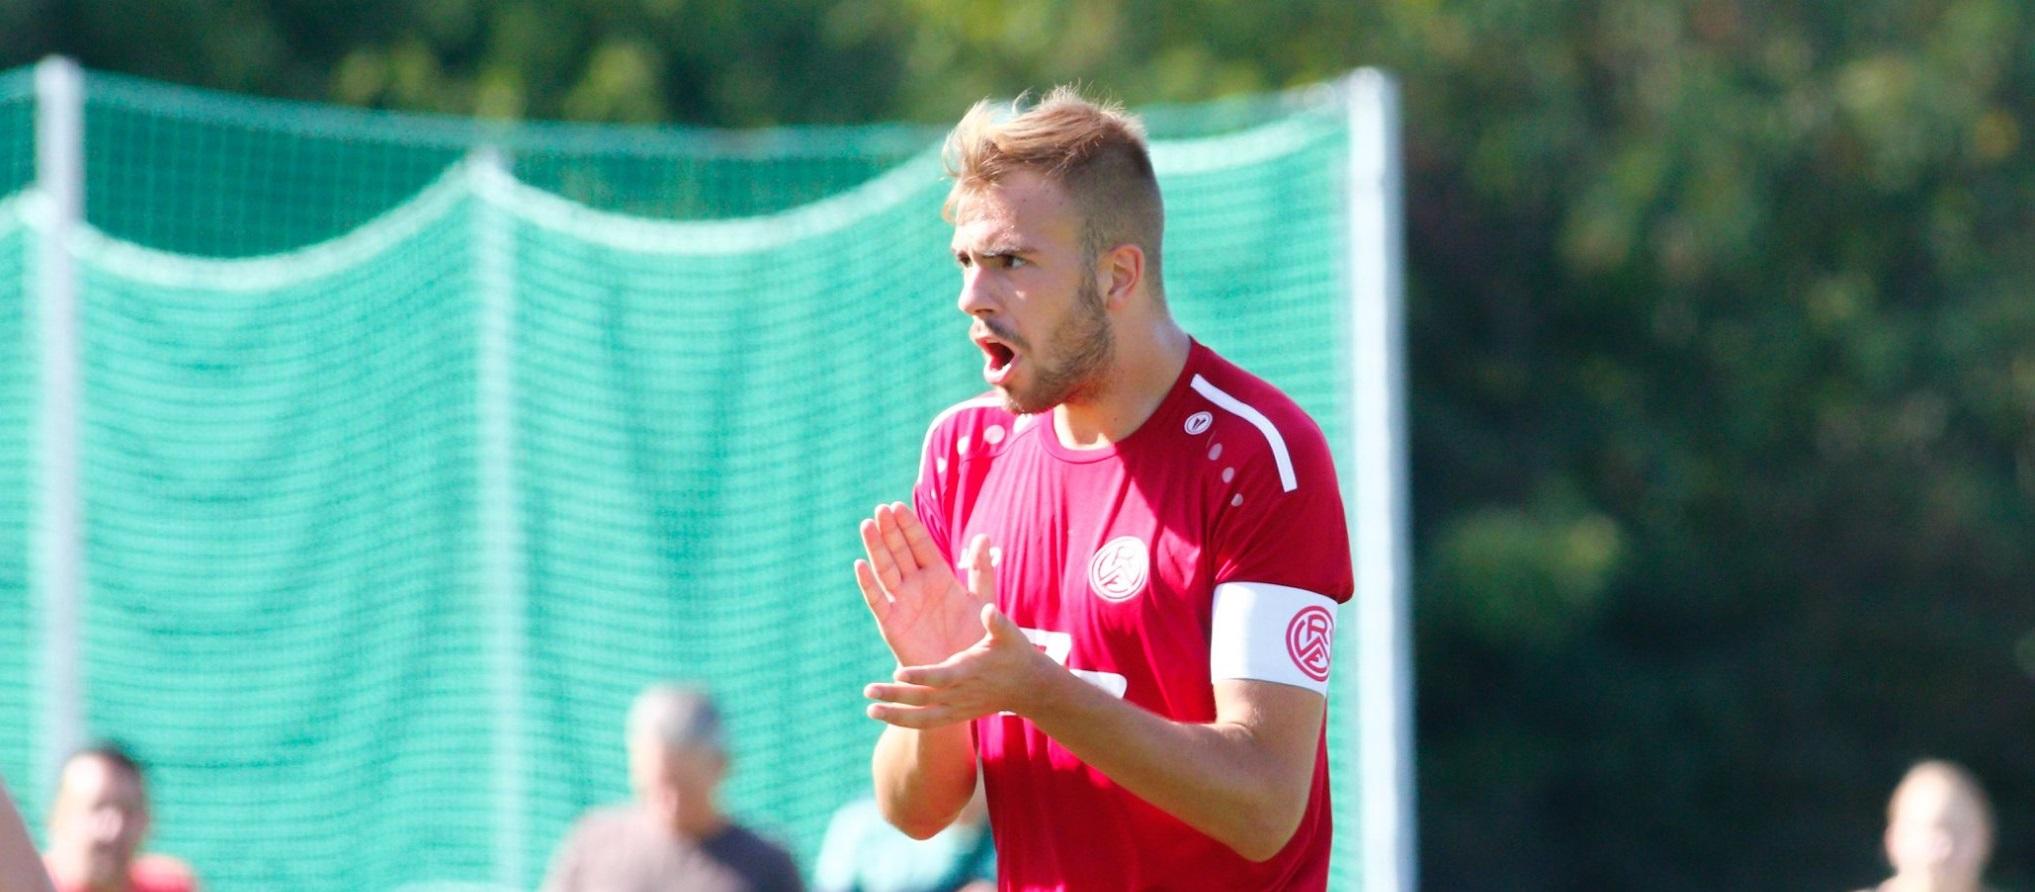 Die U19 ist Auswärts beim KFC Uerdingen gefordert. (Foto: Breilmannswiese)